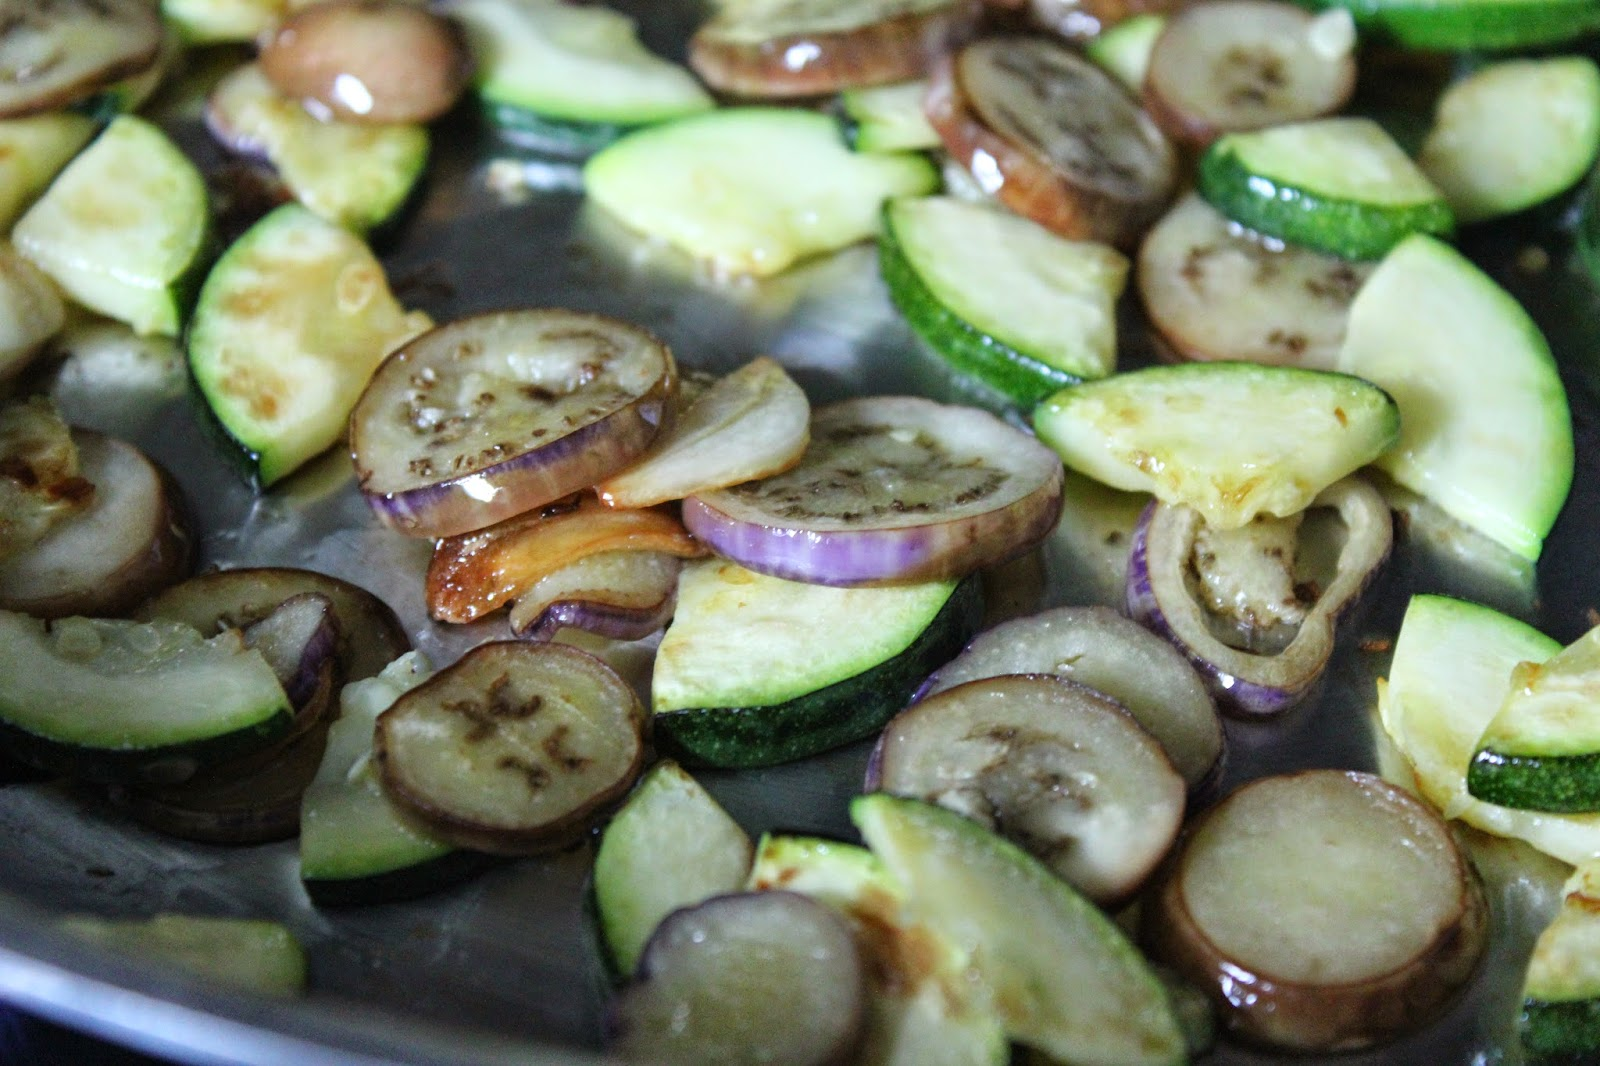 Zucchini and fairytale eggplant